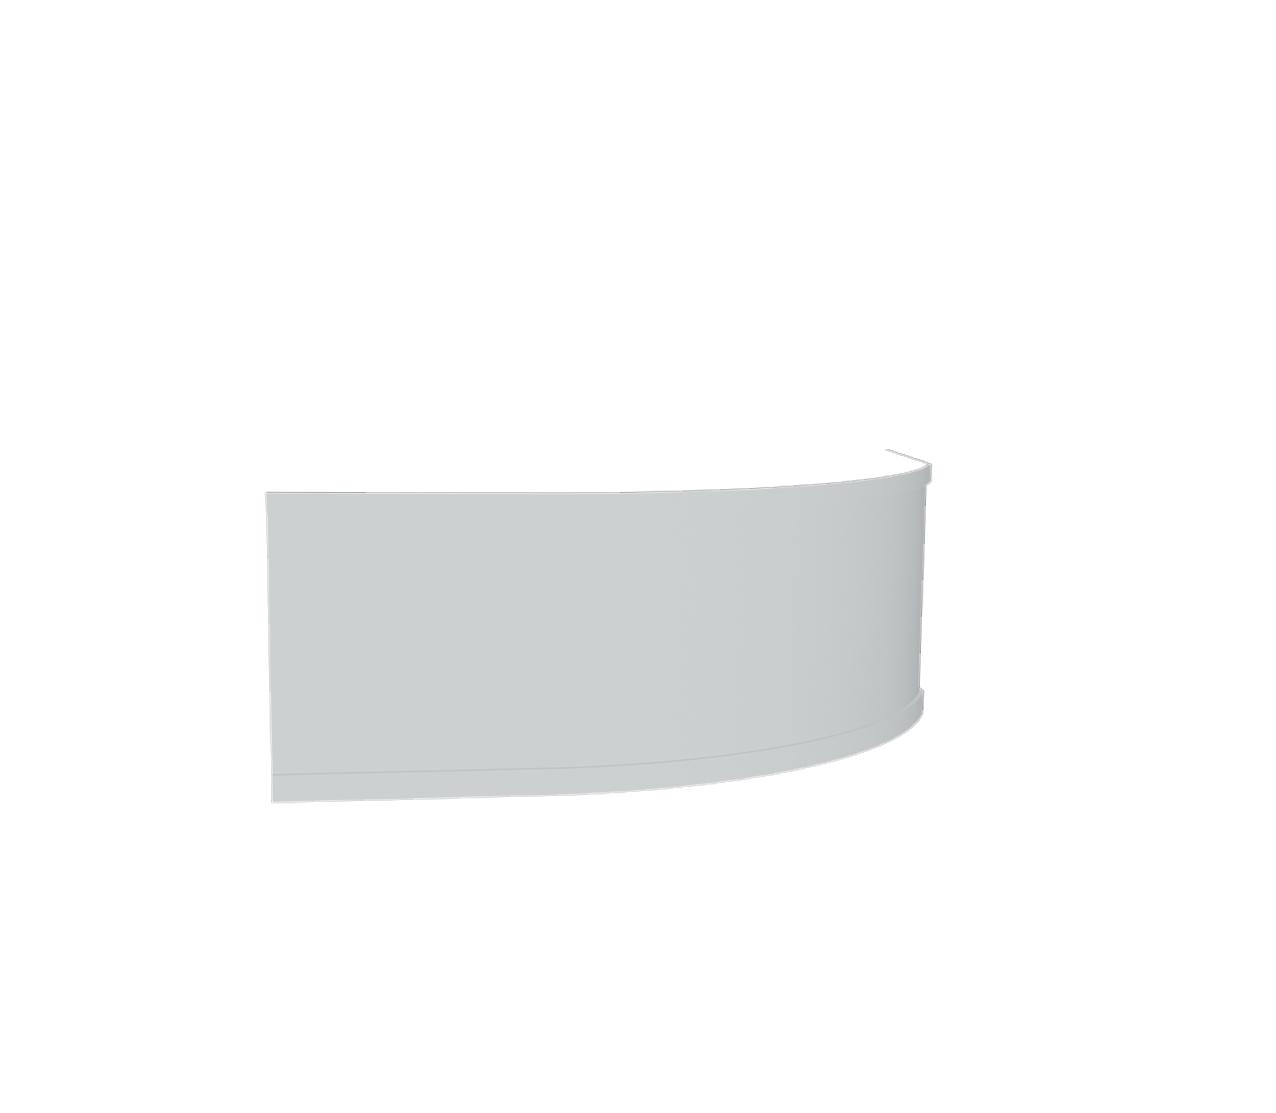 Передняя панель Ravak A для ванны Ravak Rosa I 140(L,R) белая, CZH1000A00 фото